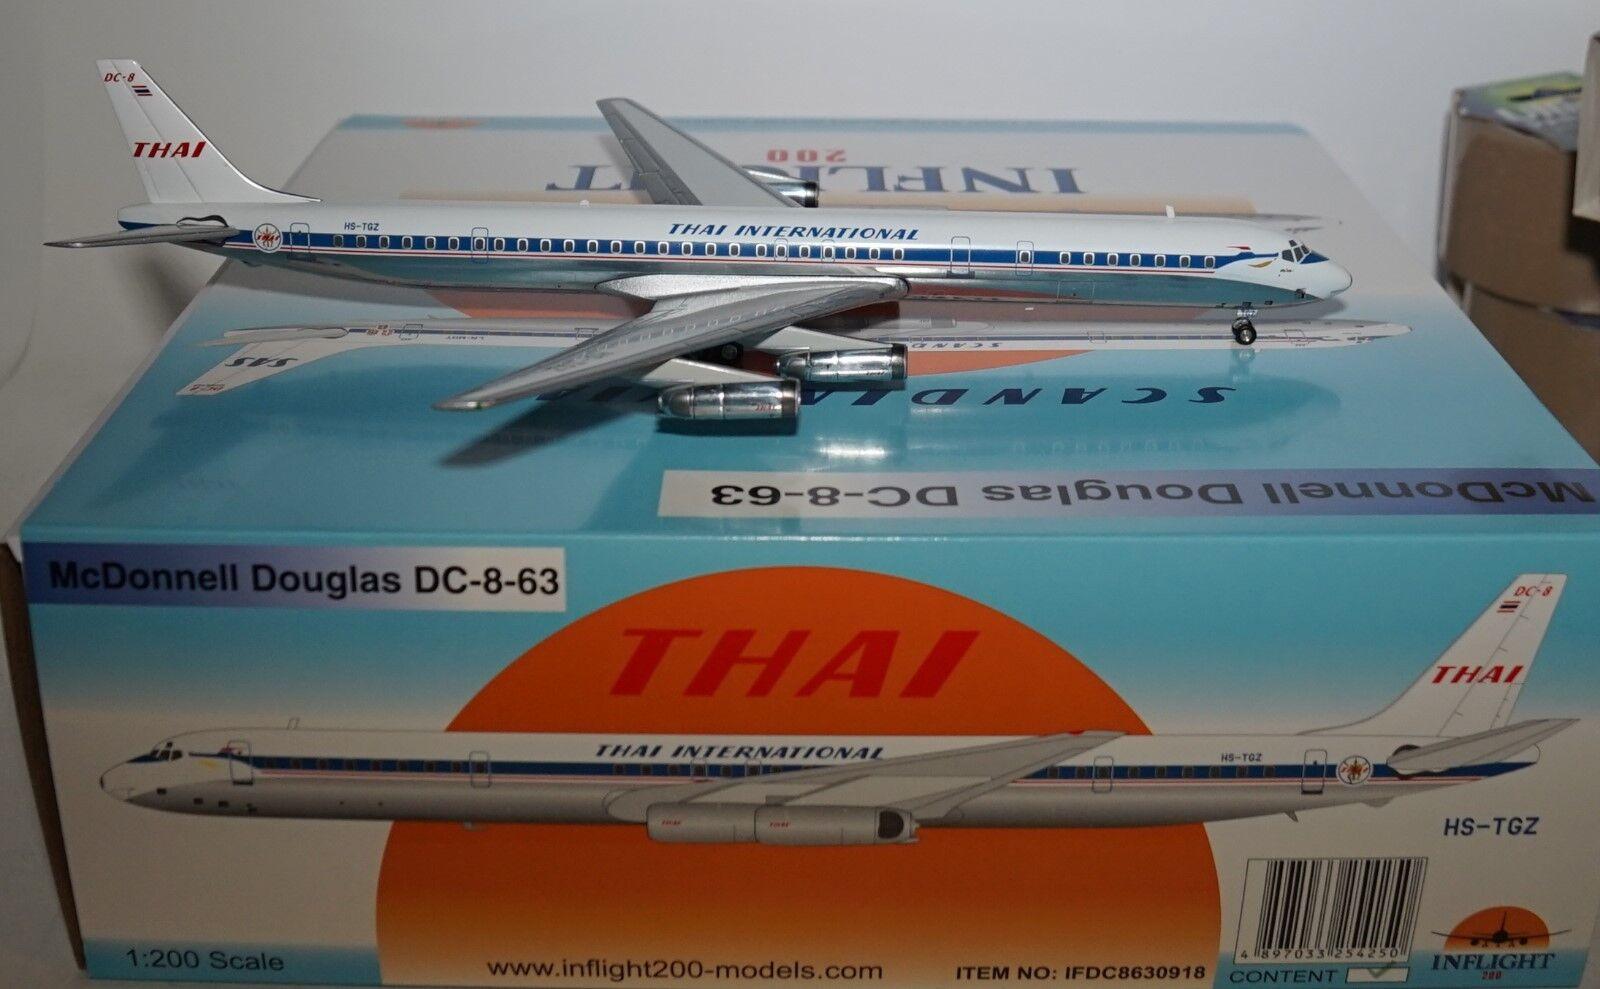 Inflight 200 IFDC8630918 DC-8-63 Thai Airways Internationale Hs-Tgz in 1 200